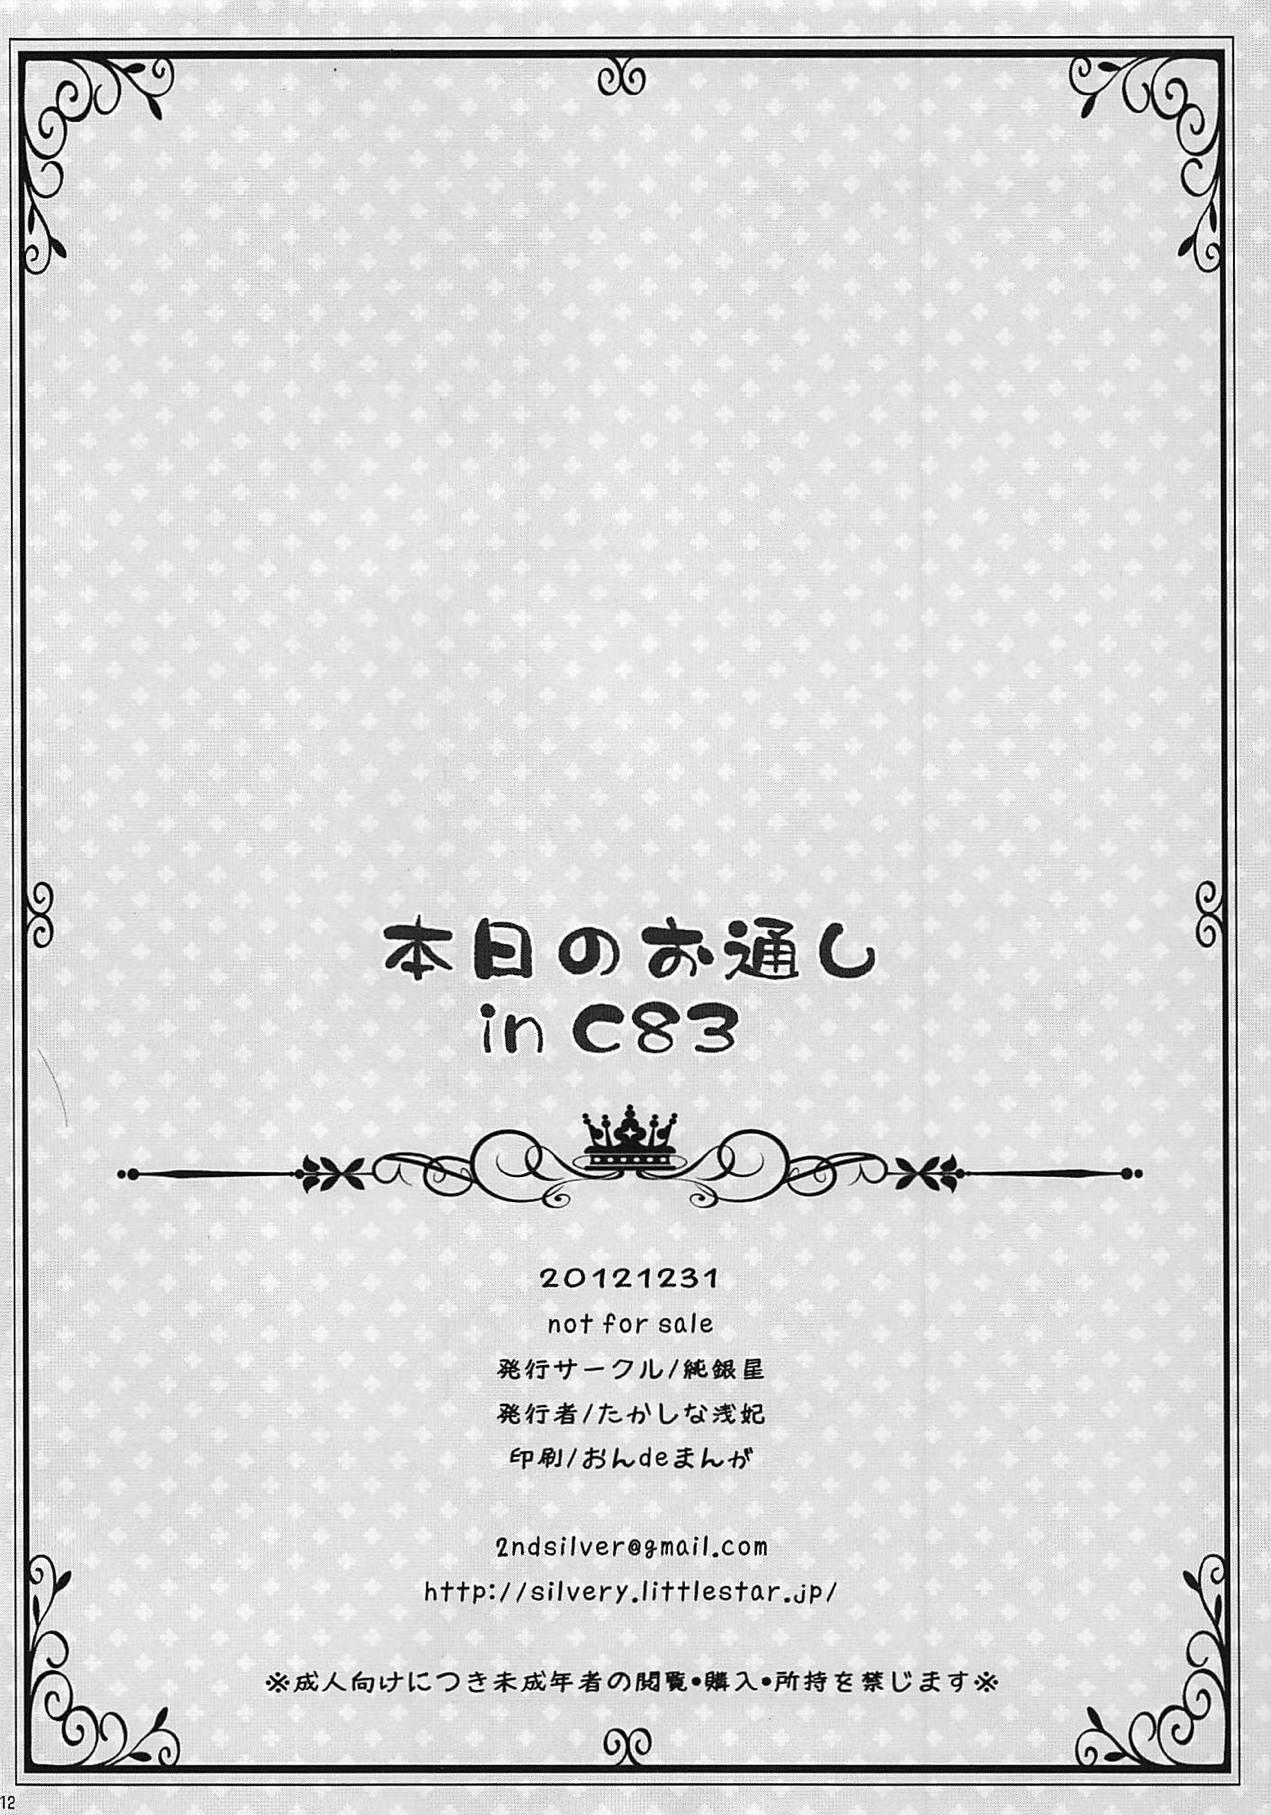 Honjitsu no Otooshi in C83 13